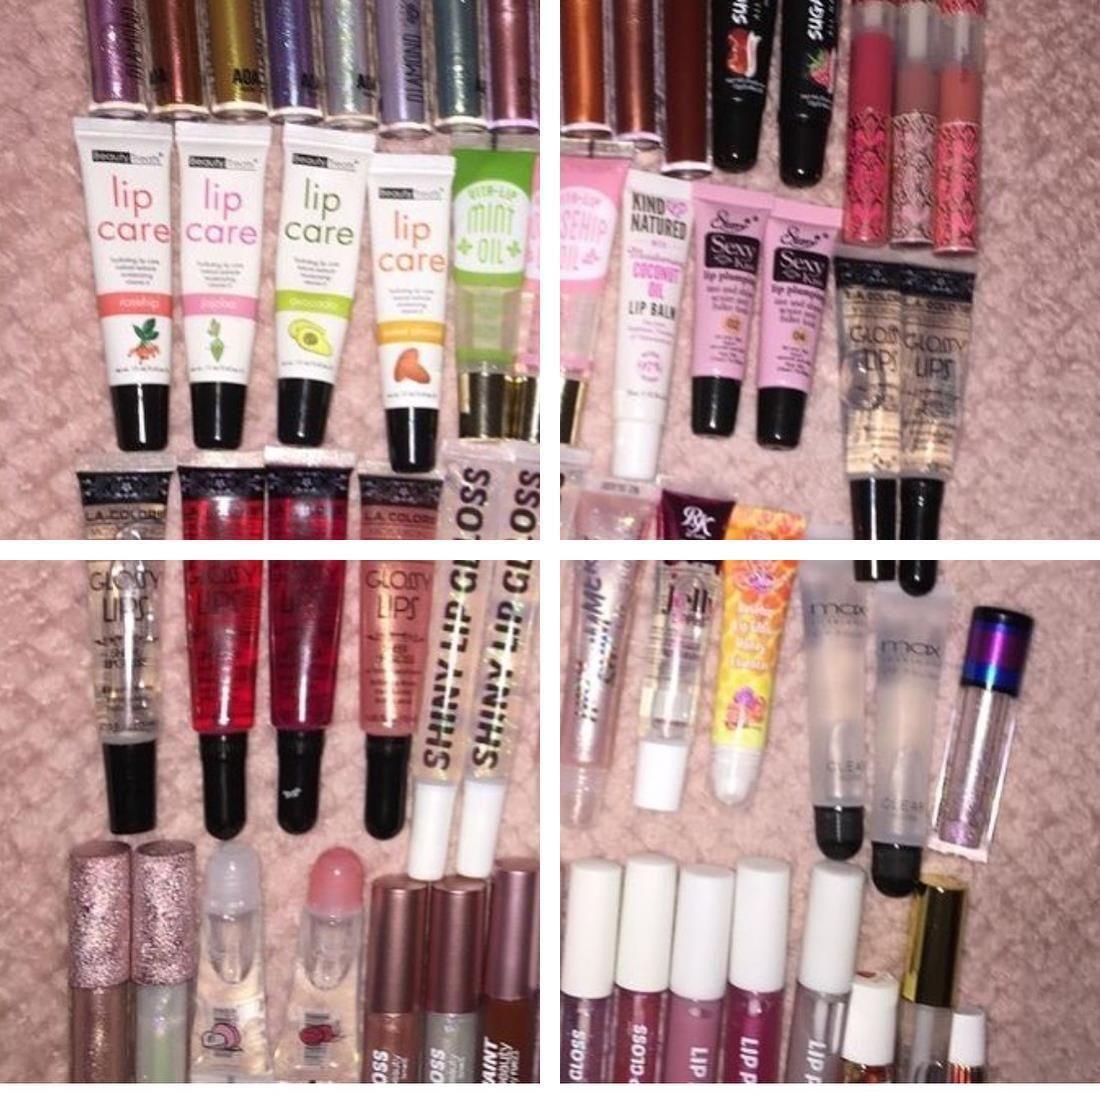 Red Lipstick Bright Blue Lipstick Famous Lipstick